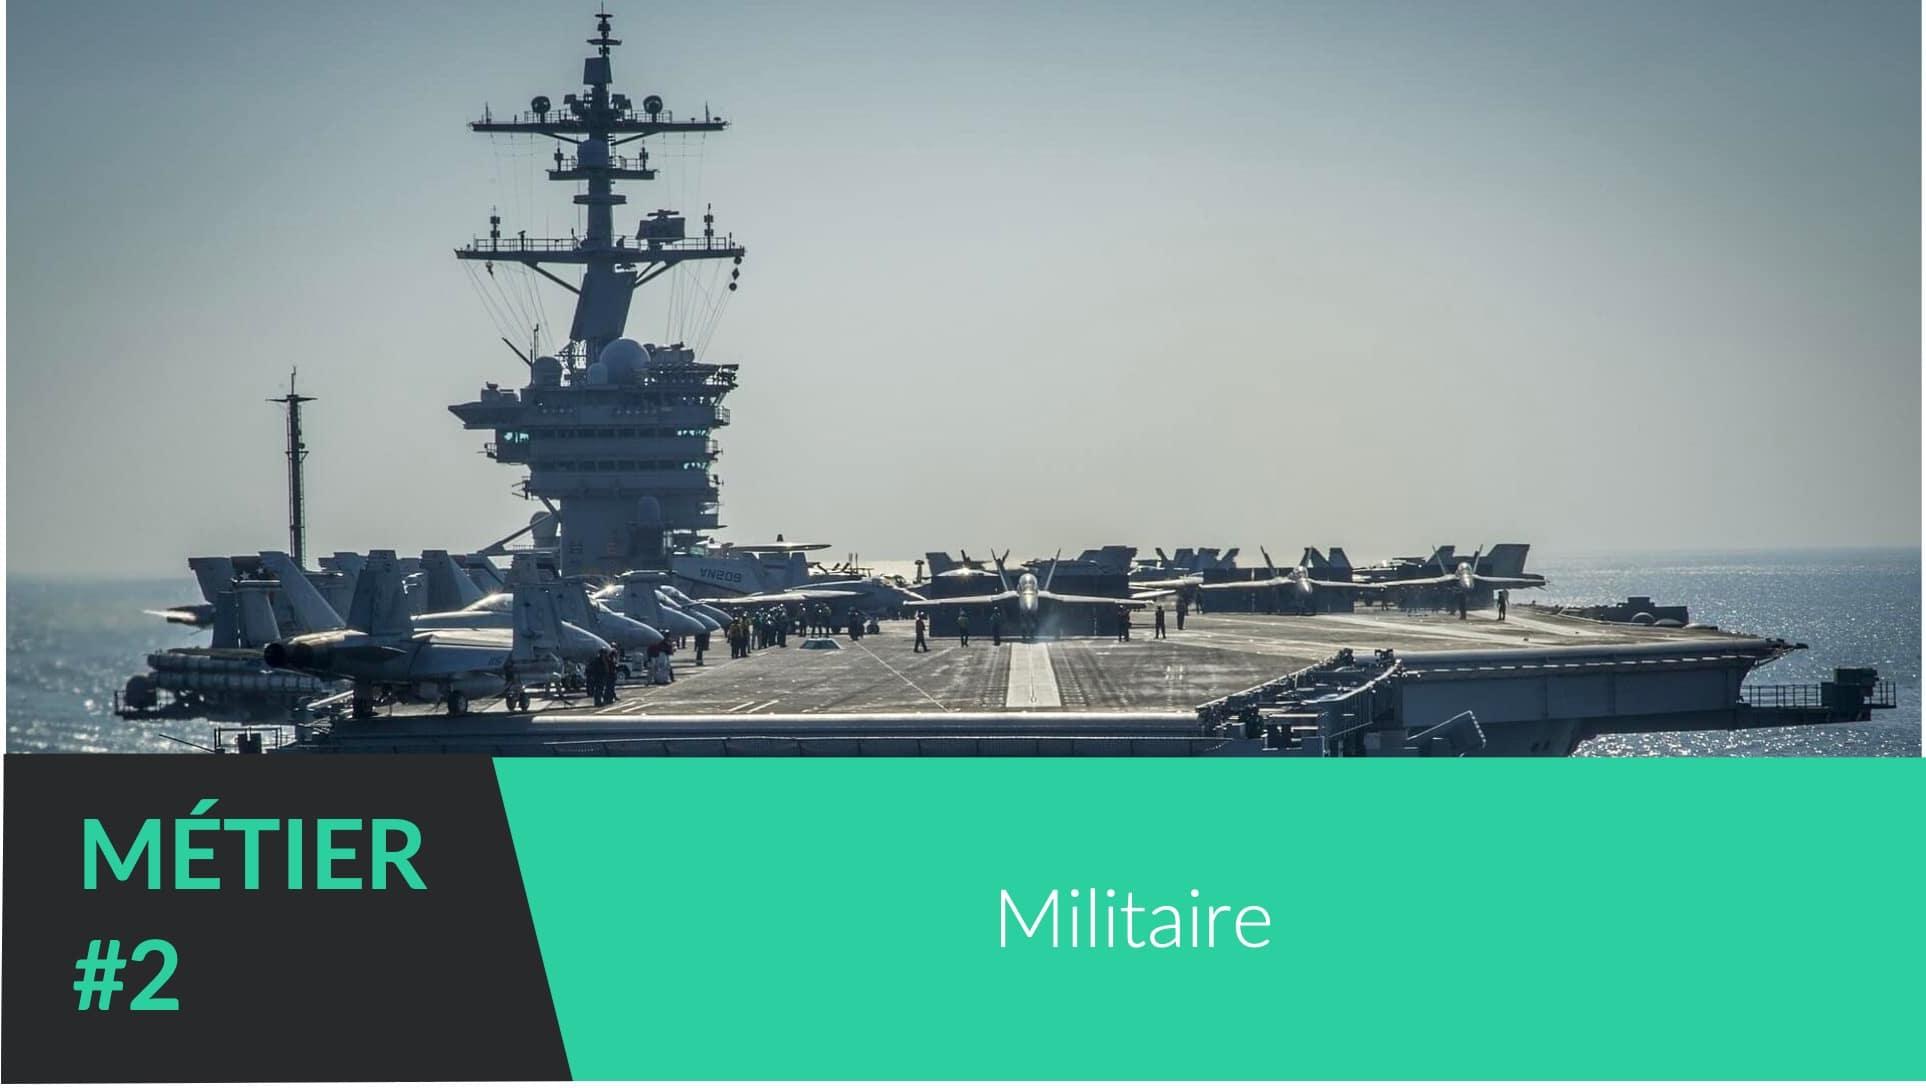 Choisir un conférencier - Militaire